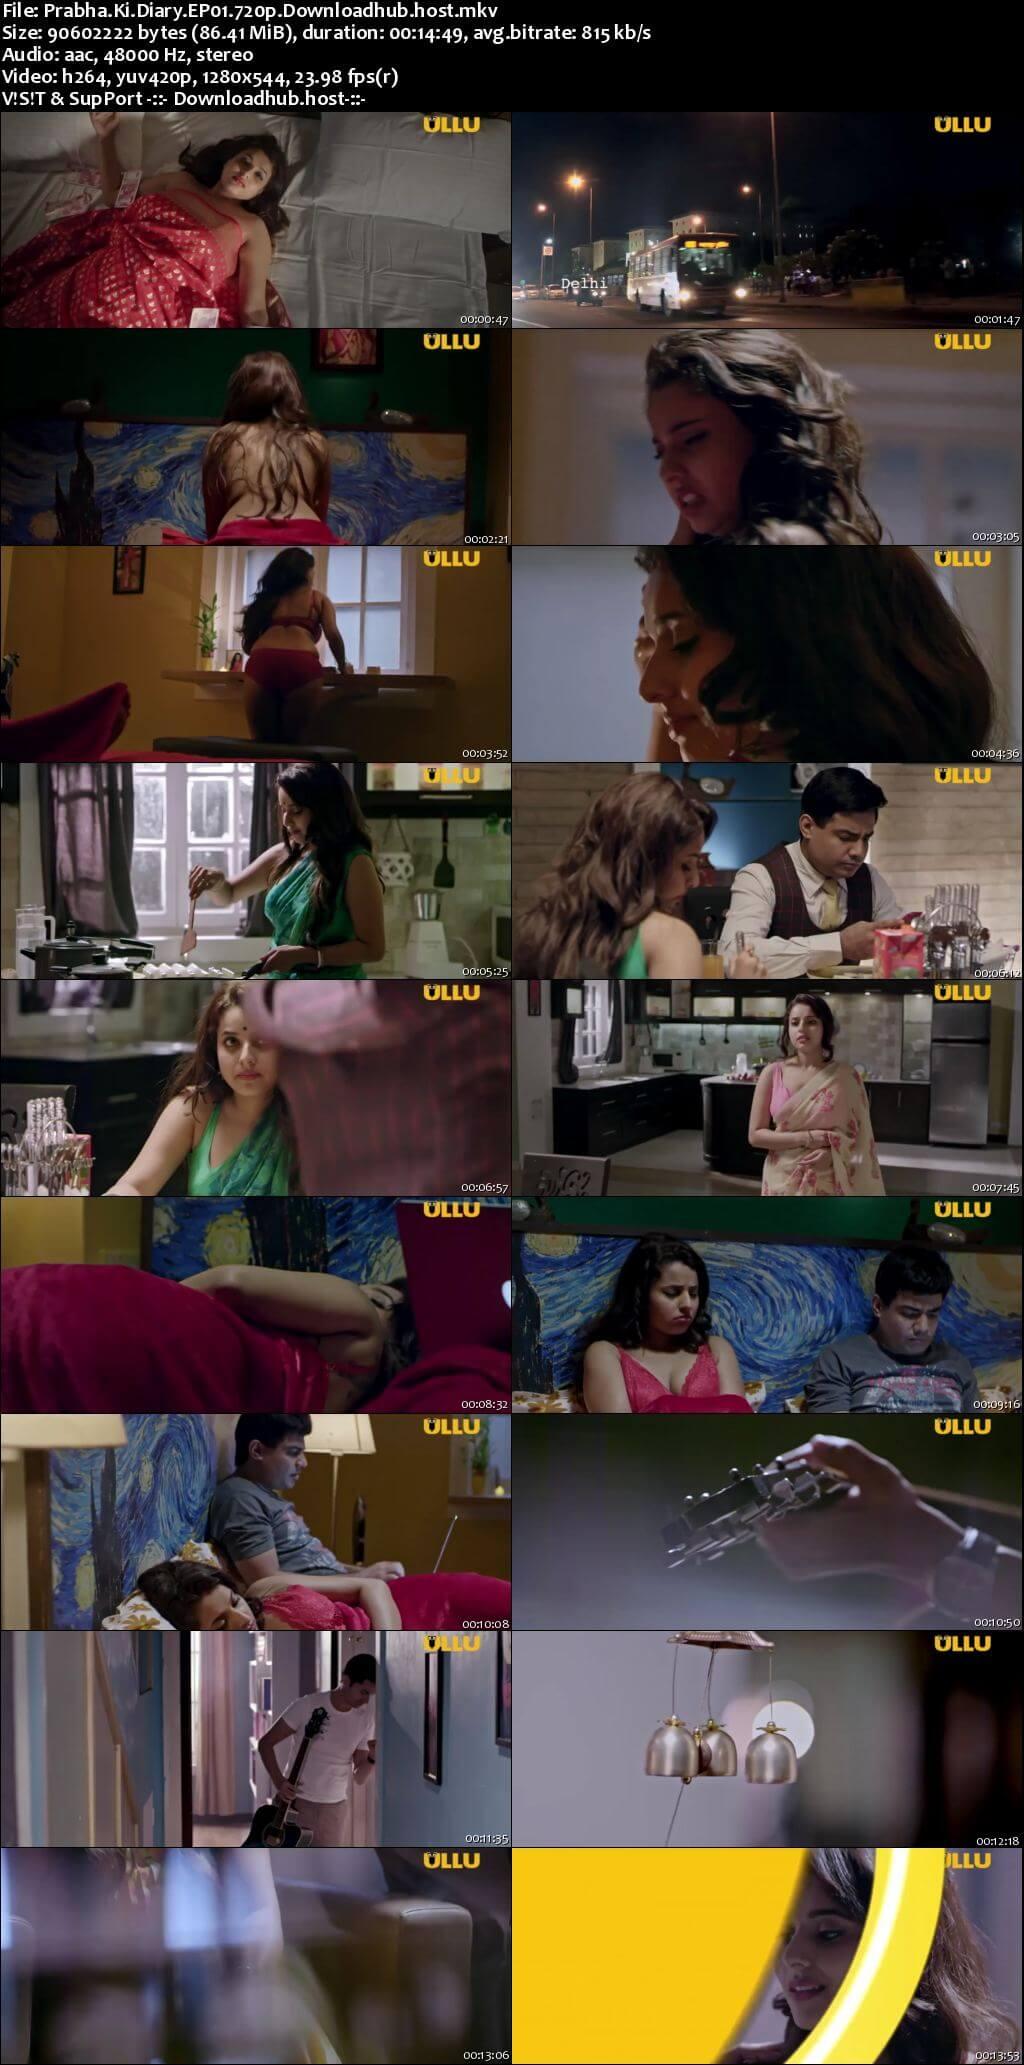 Prabha Ki Diary 2020 Hindi S01 ULLU WEB Series 720p HDRip x264